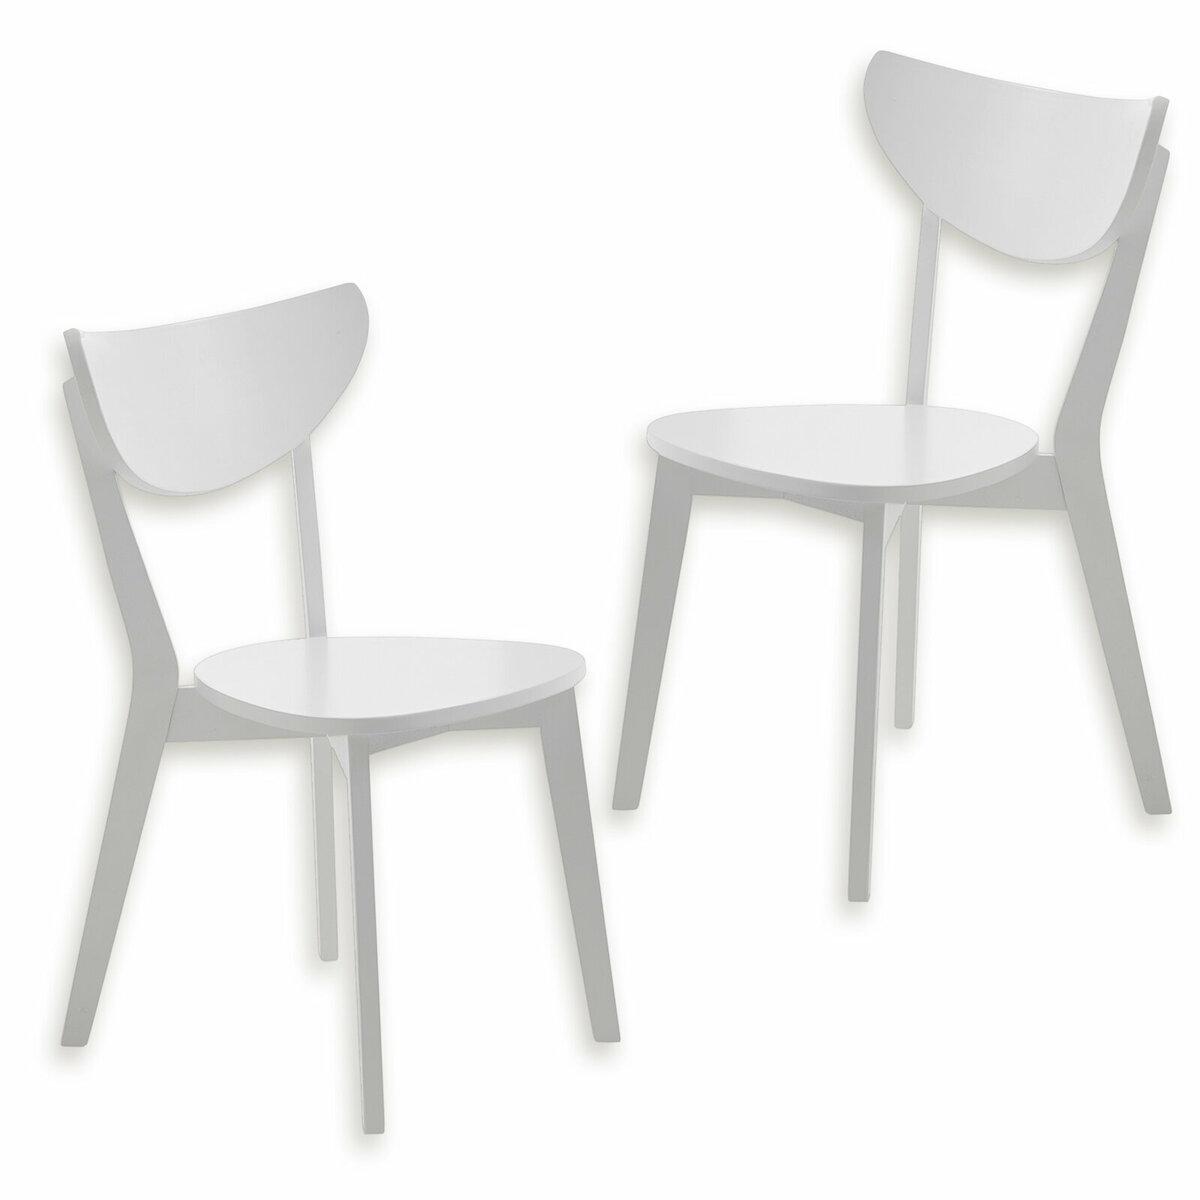 Bild 1 von 2er-Set Stuhl CAROLINA - weiß - teilmassiv